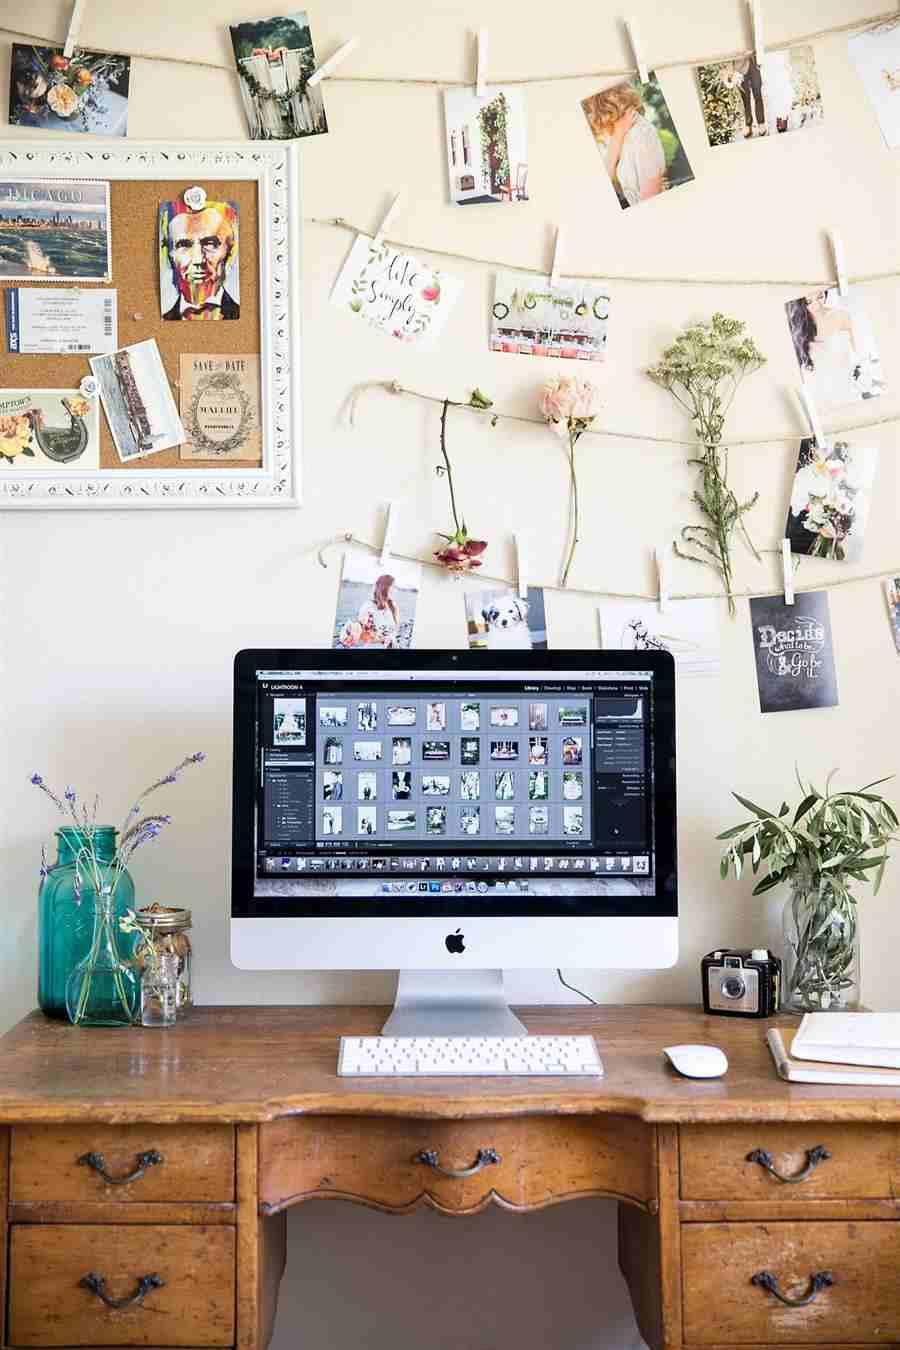 fotografias na decoração do home office